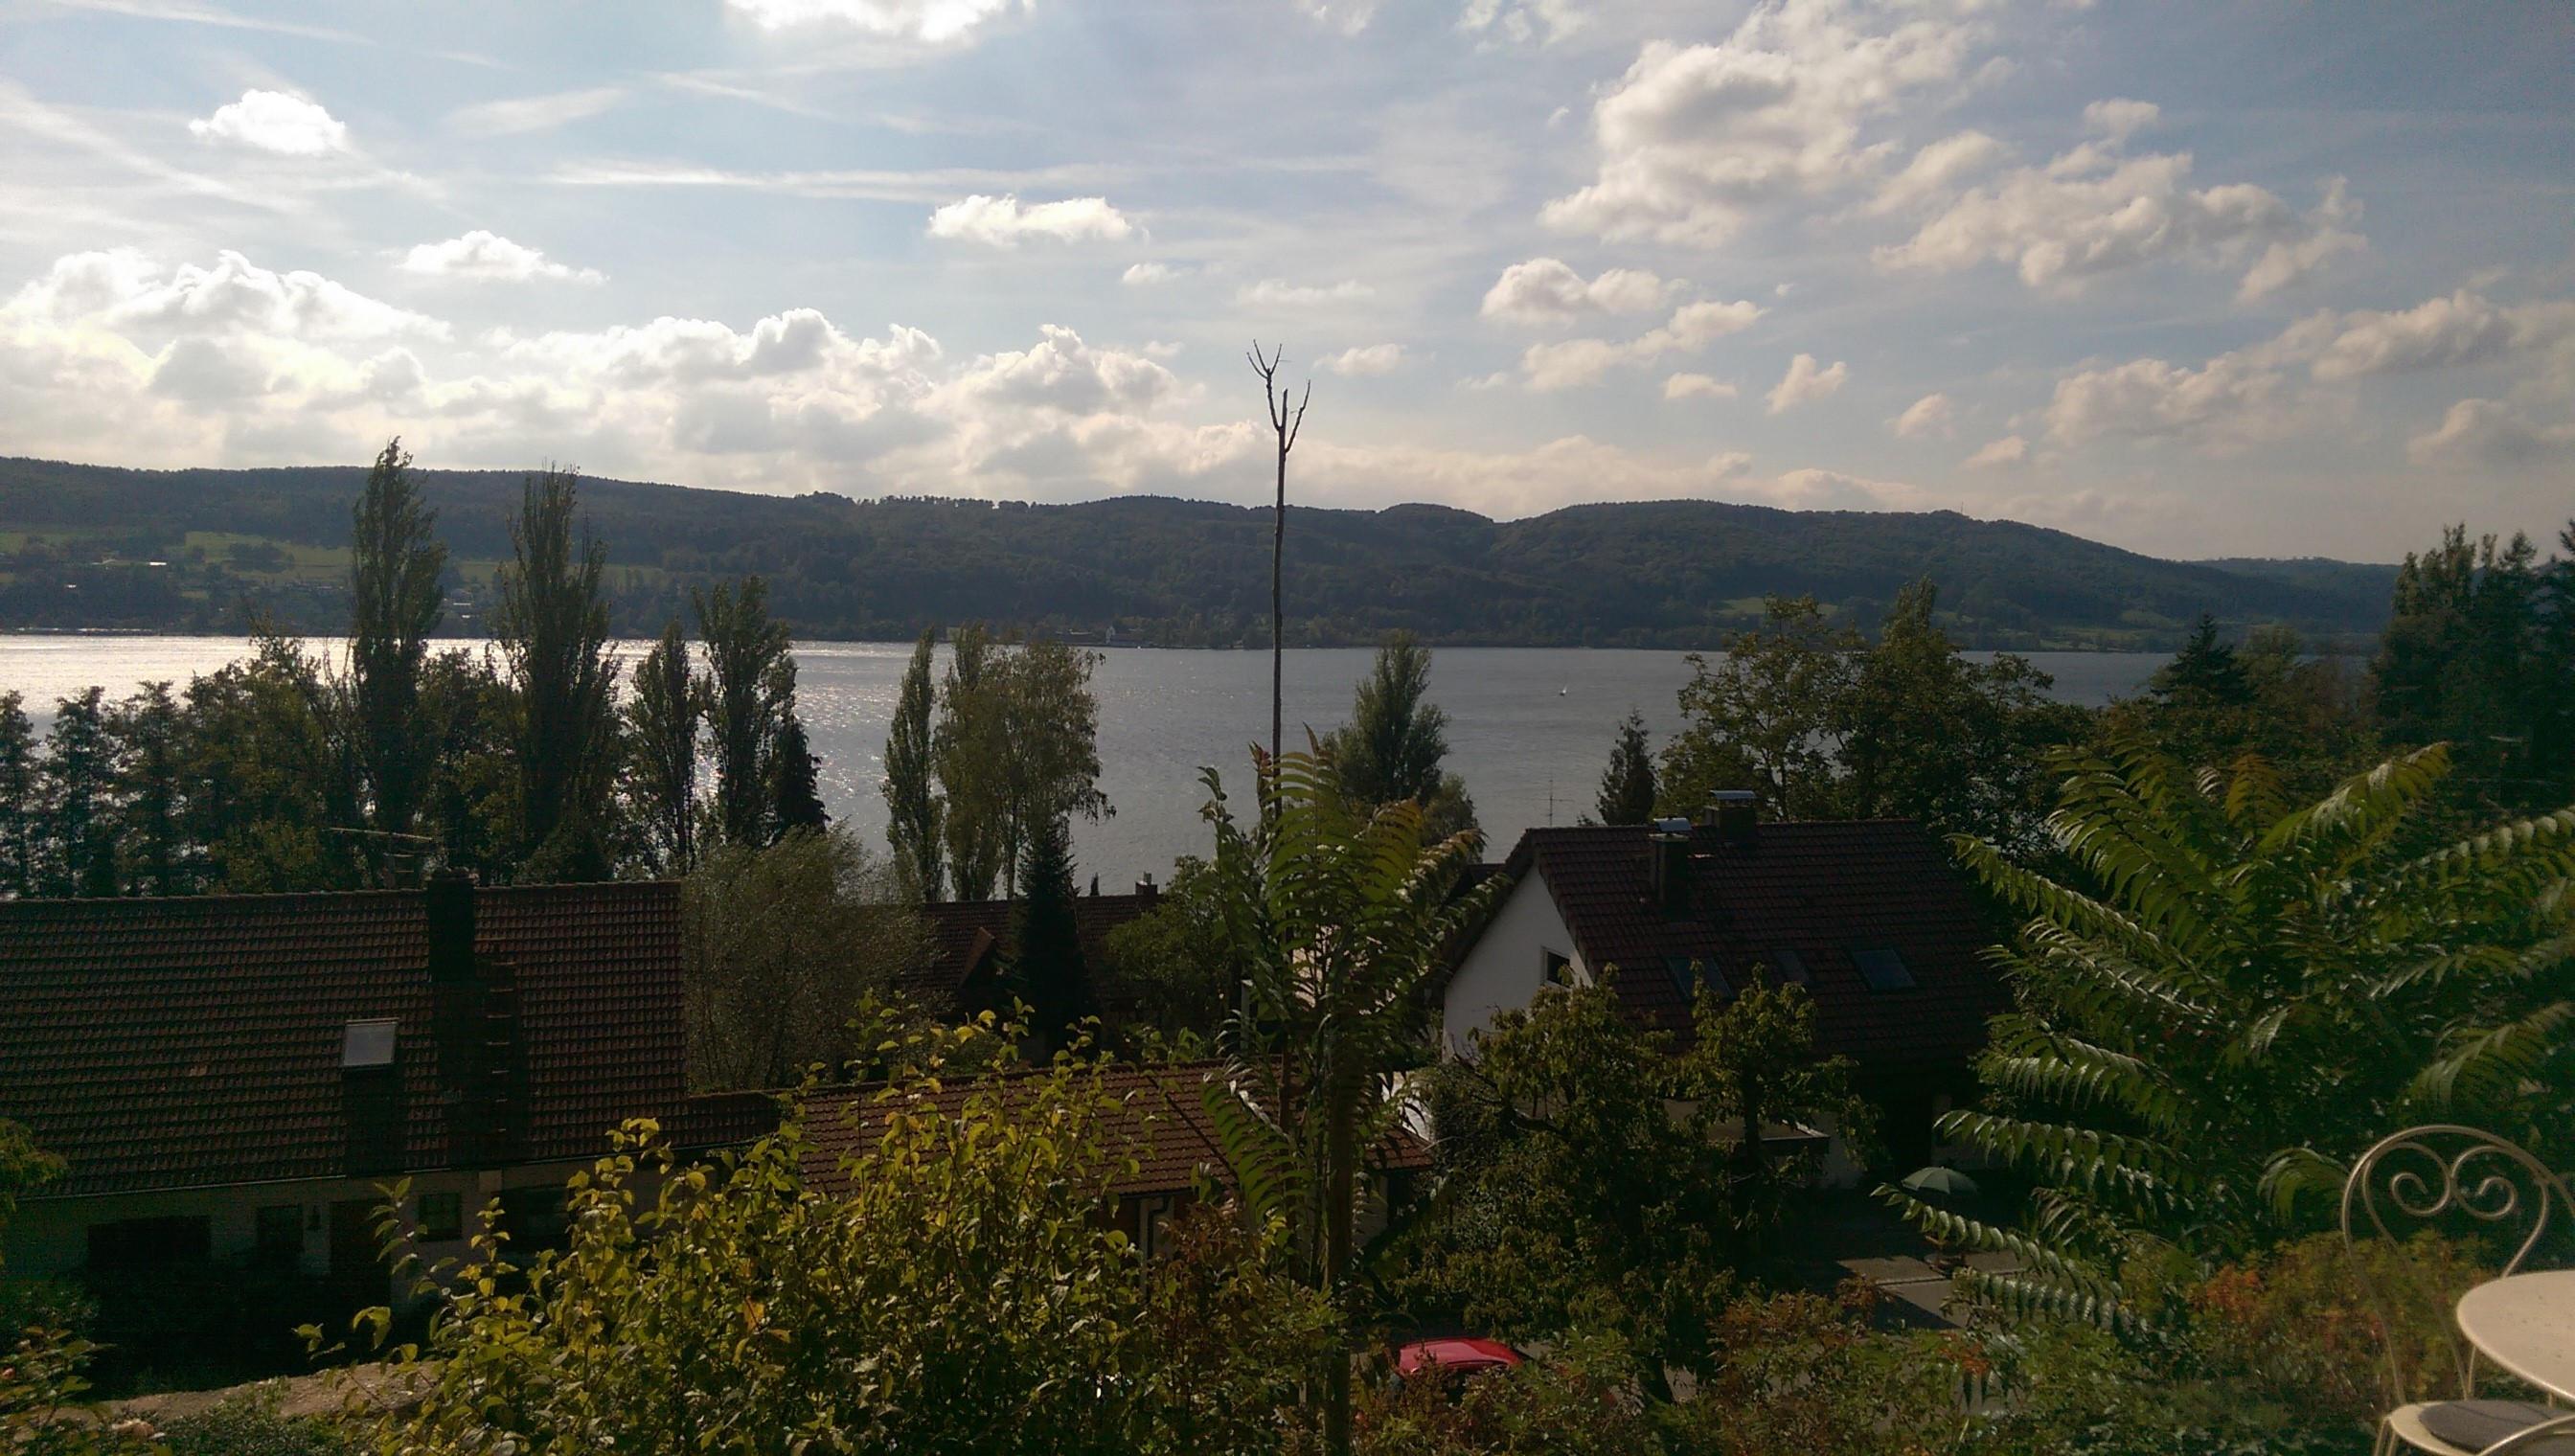 Blick auf den Bodensee vom Museum Haus Dix